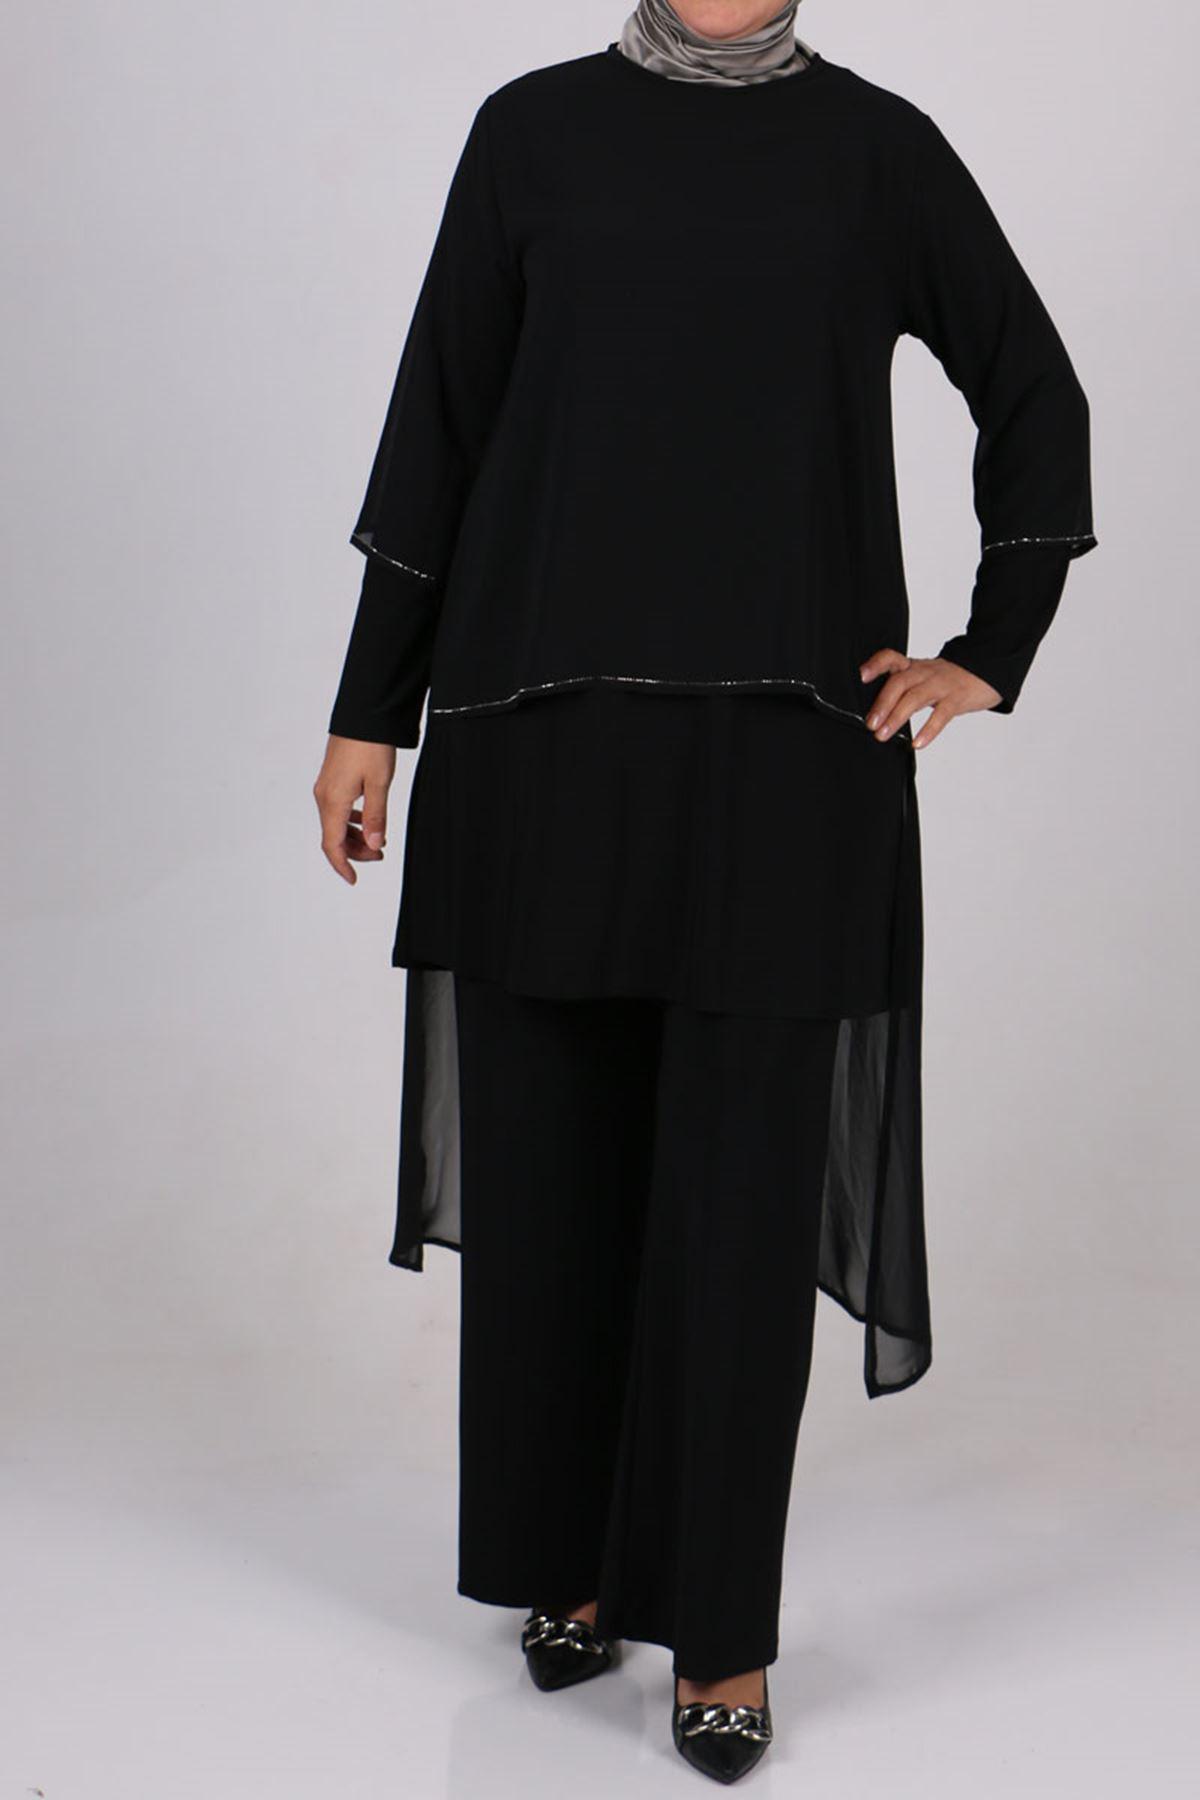 7709 Büyük Beden Sandy-Şifon Pantolonlu Takım - Siyah